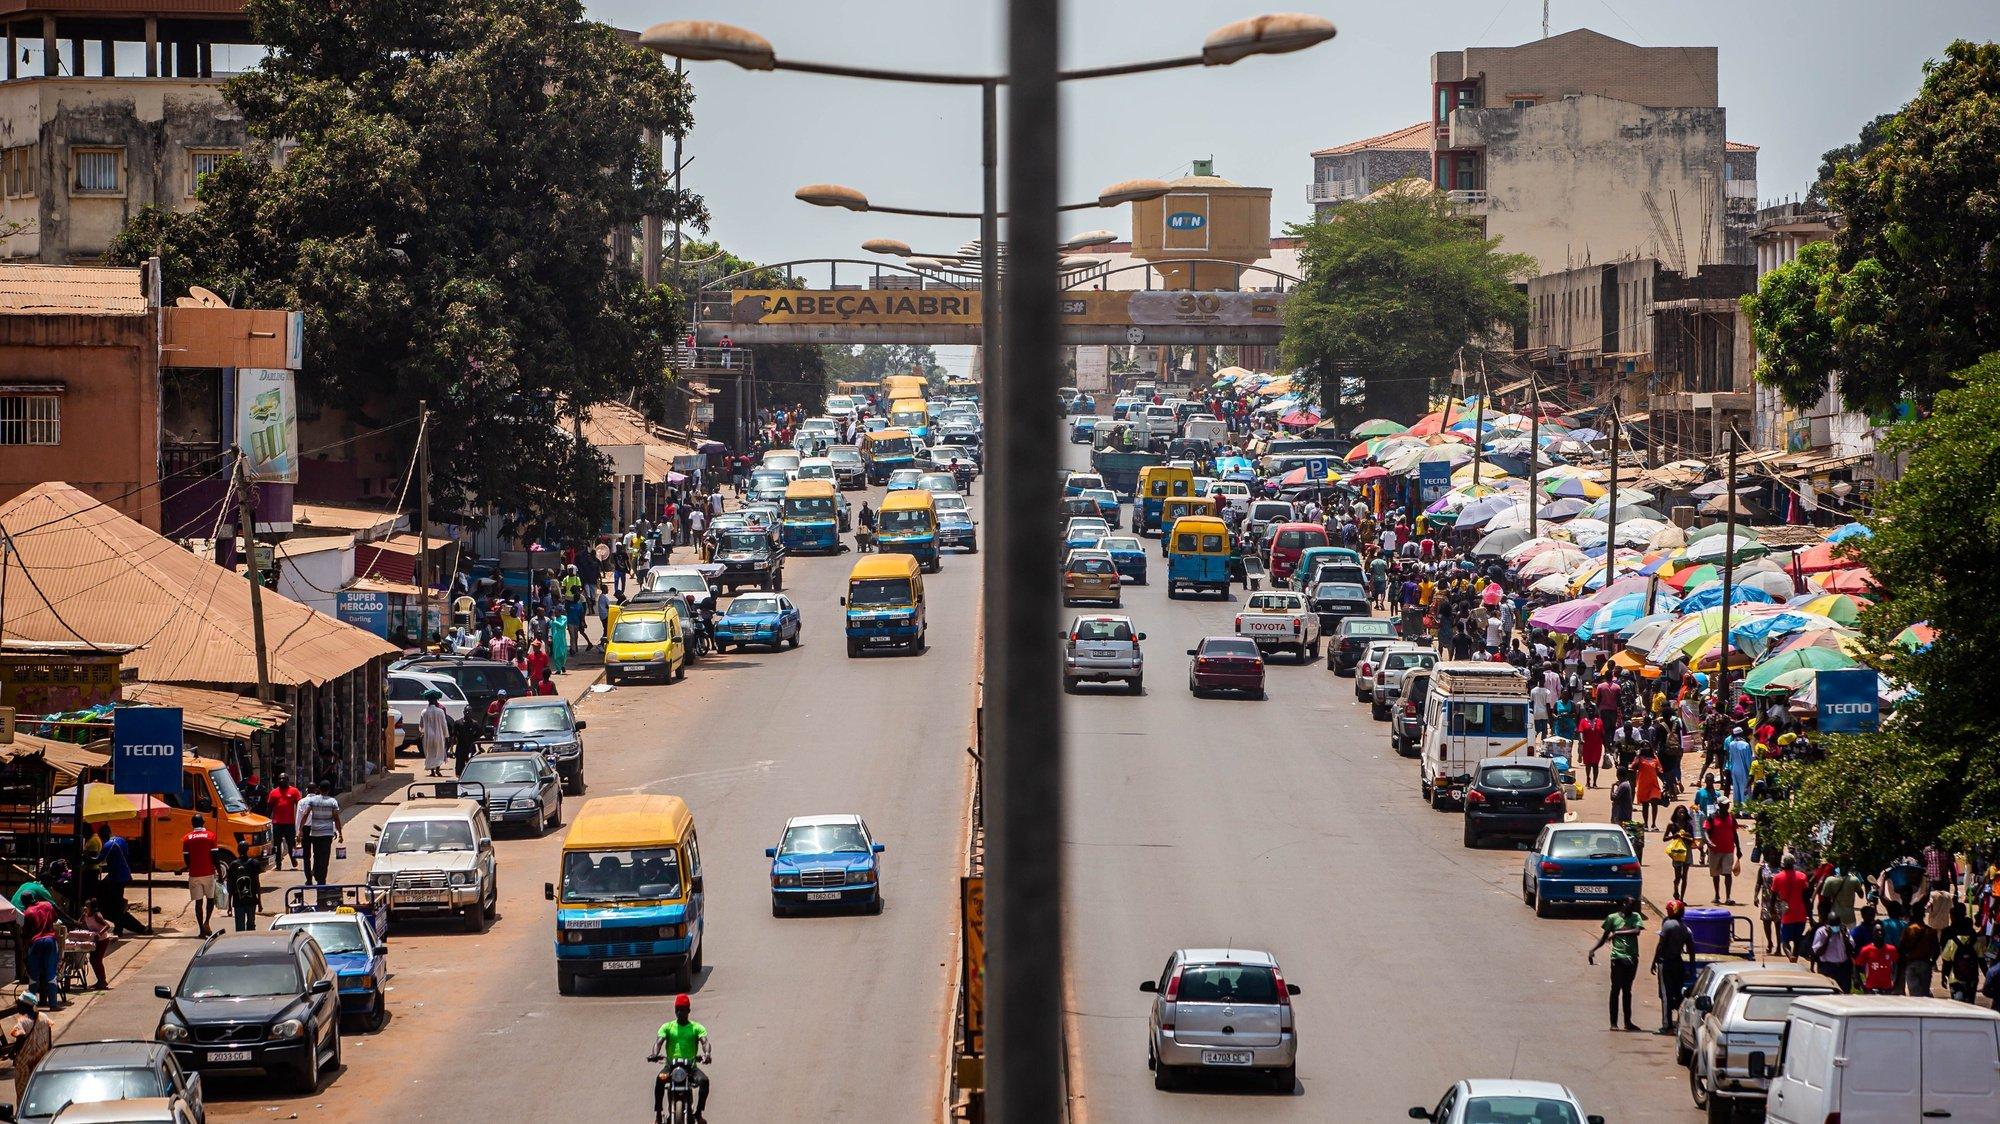 Trânsito junto ao Mercado Bandim, em Bissau, na Guiné-Bissau, 16 de maio de 2021. JOSÉ SENA GOULÃO/LUSA